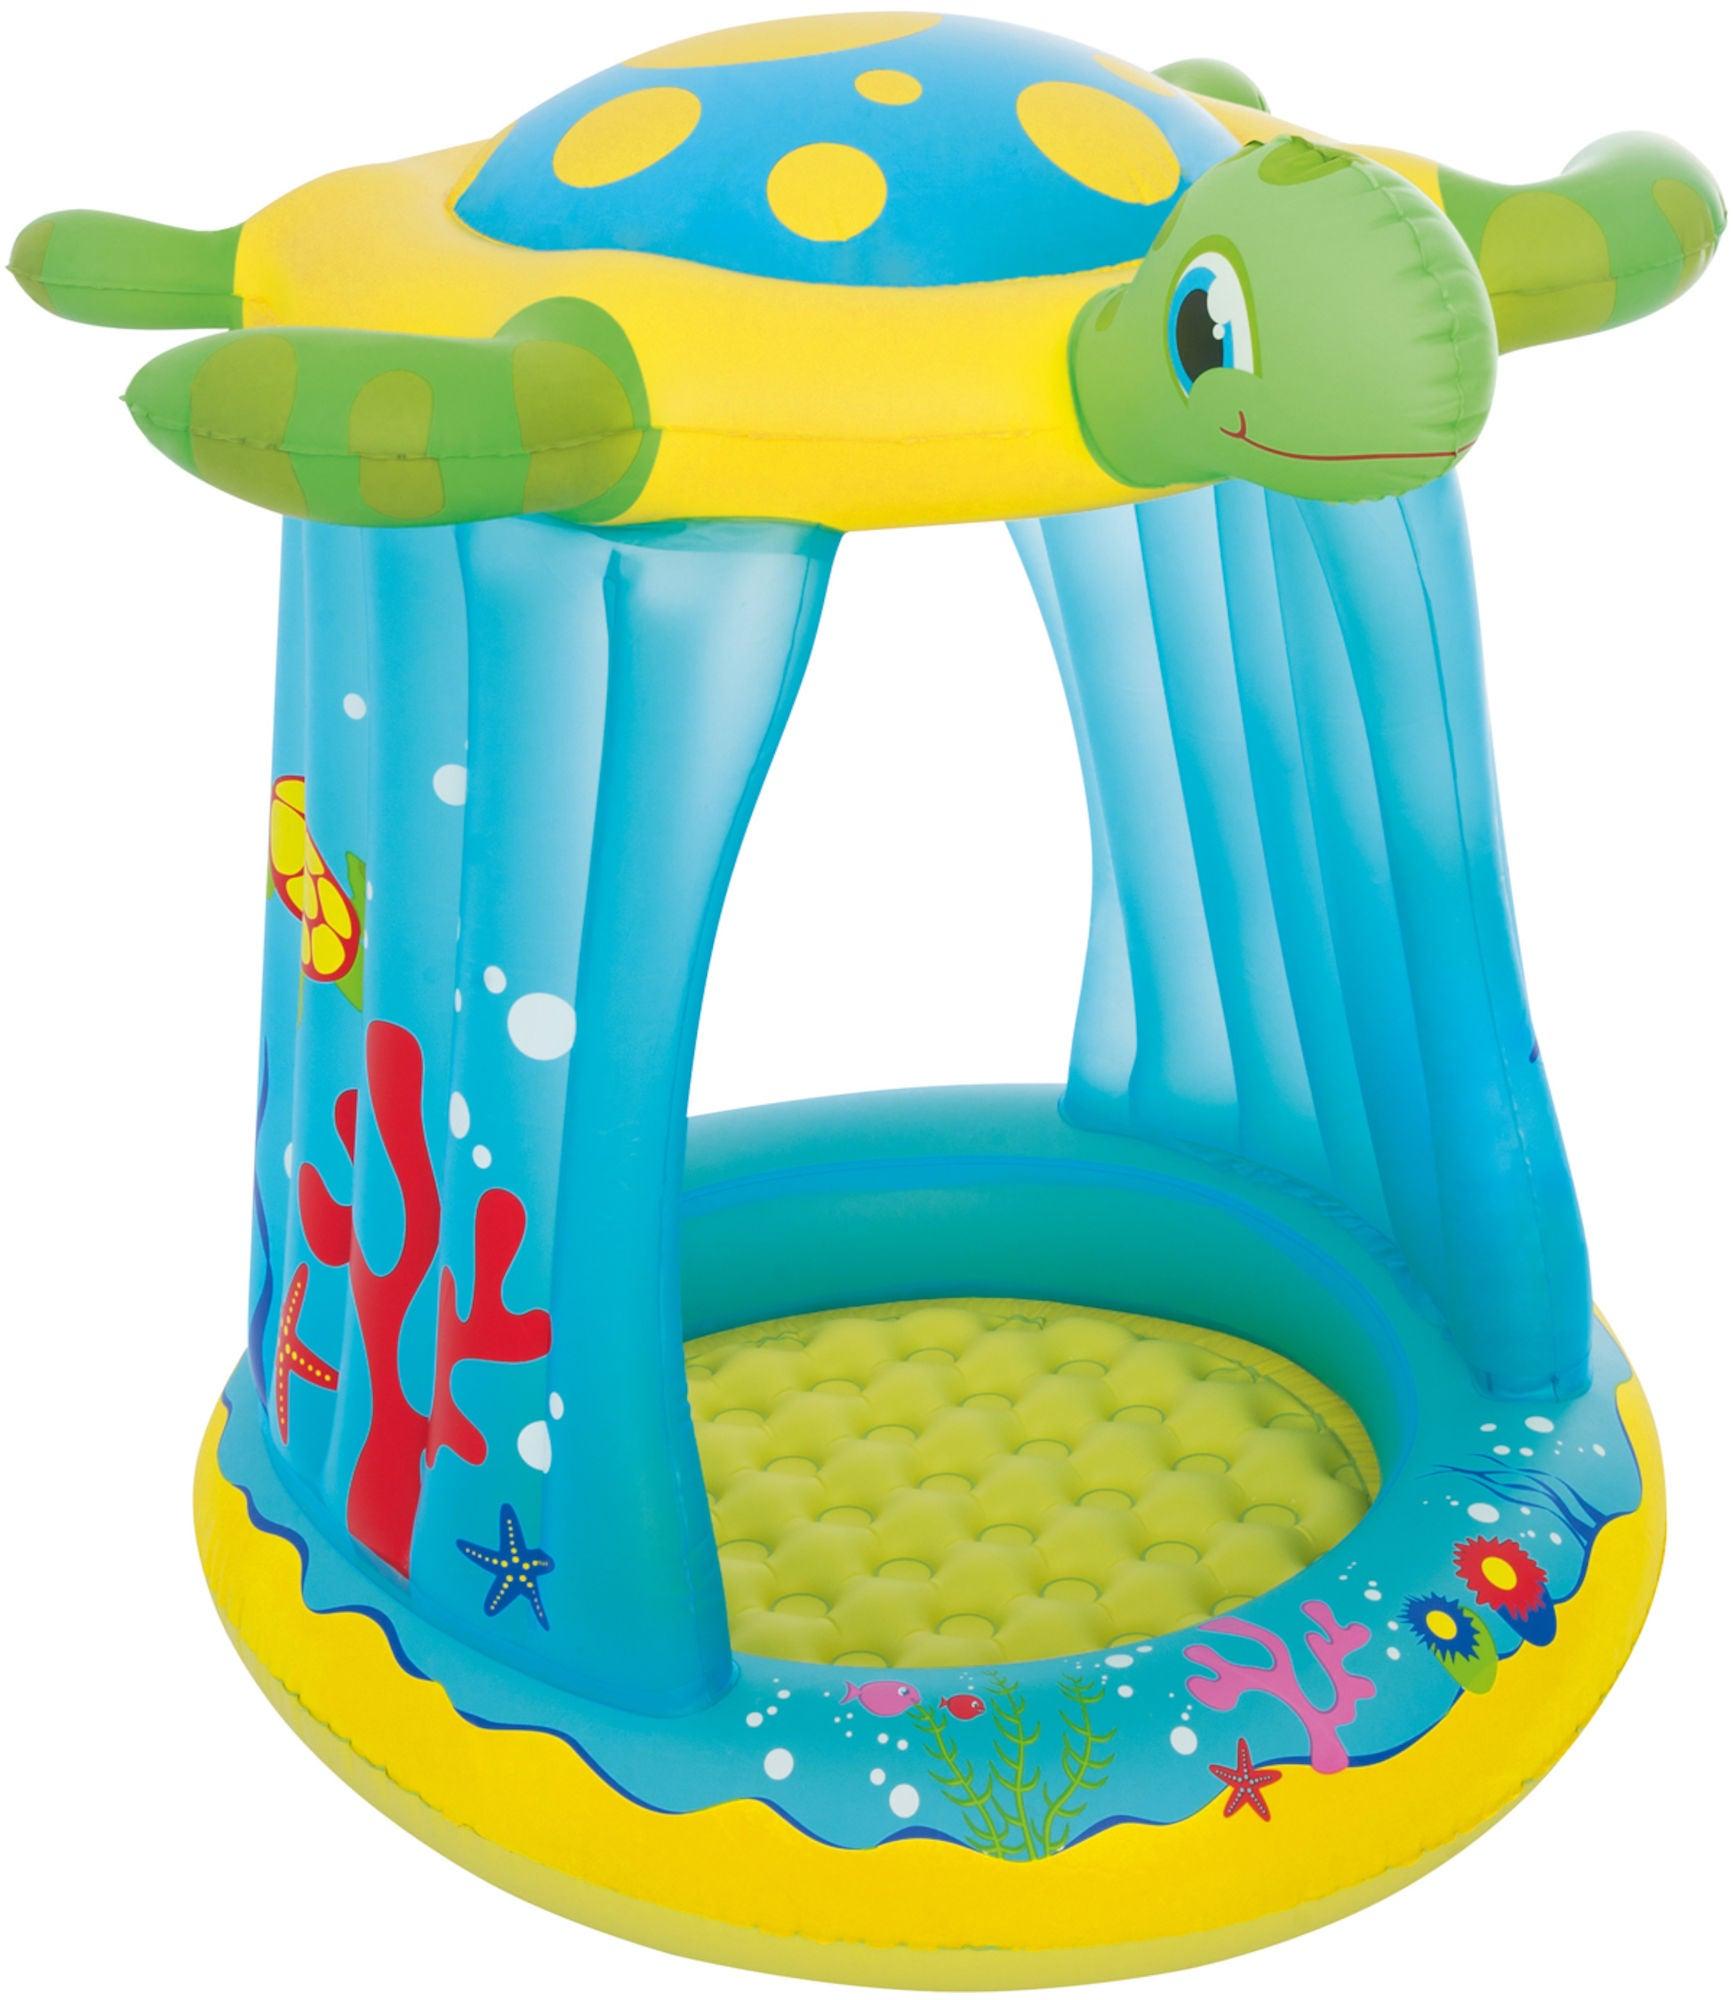 Bestway Babypool Turtle Totz Play Pool